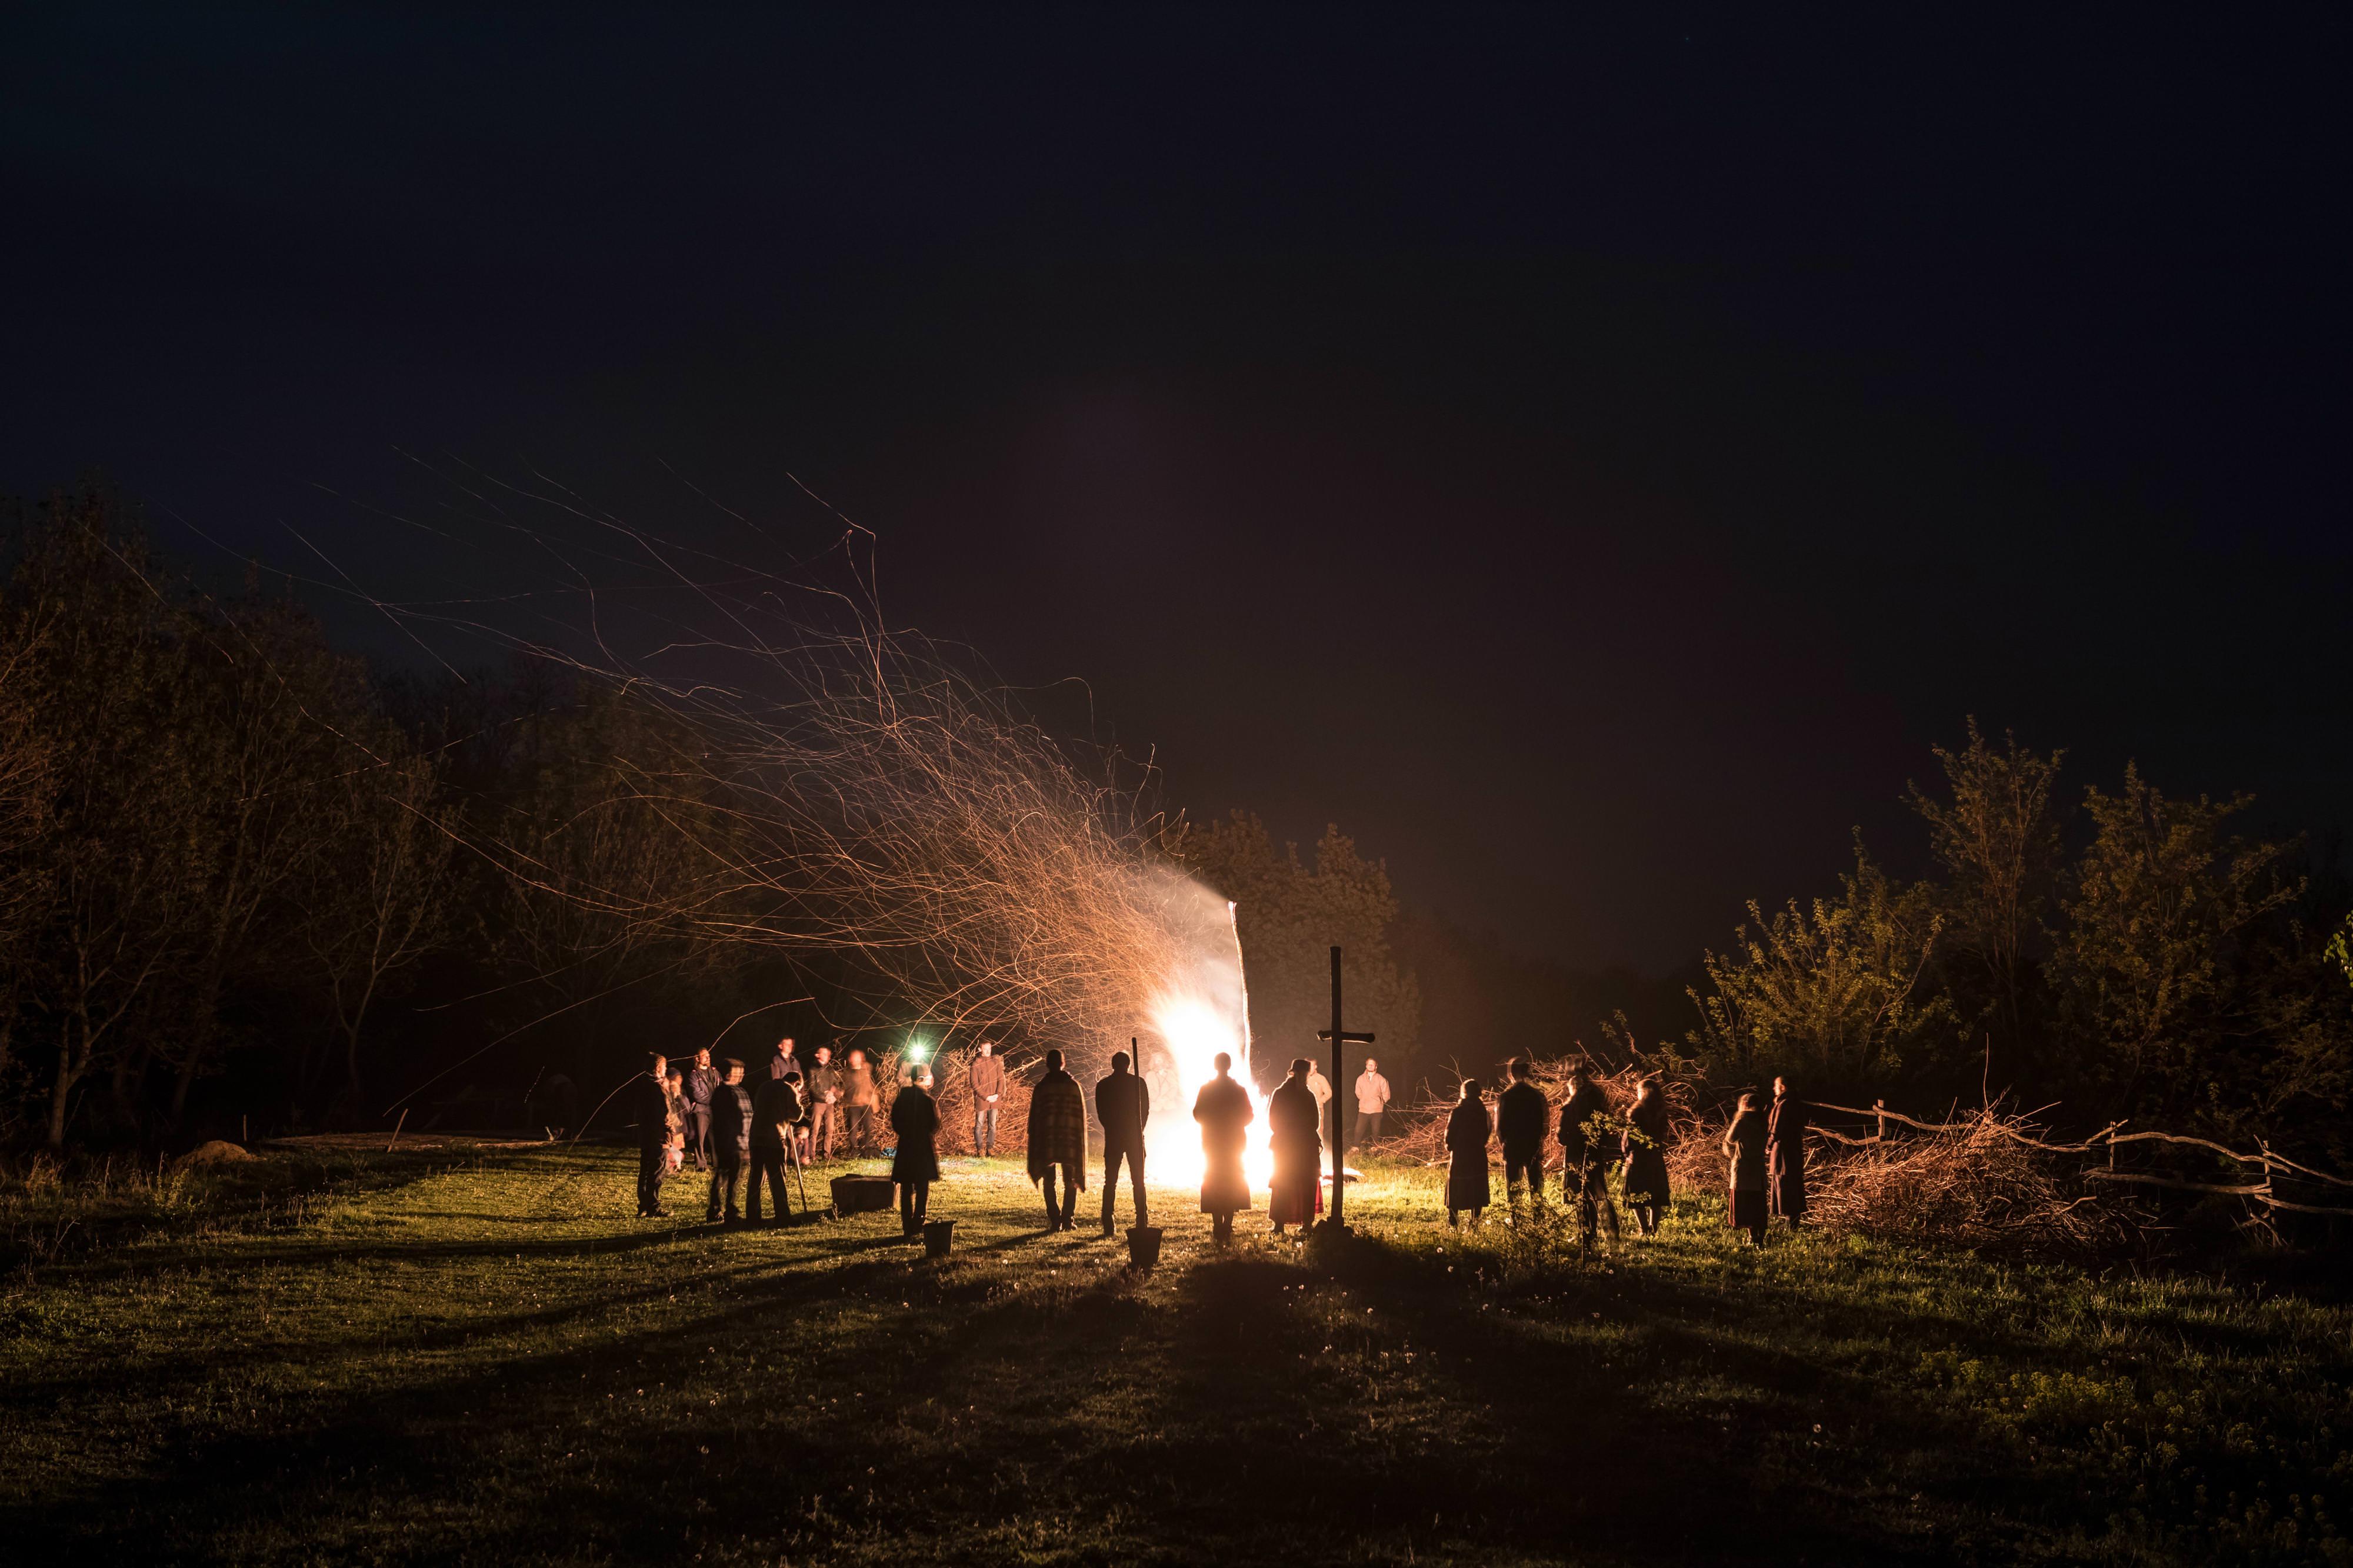 Kállai Márton: Húsvét ünnepe öt napig tartó közösségi programokat jelent. Pásztortűz Nagyszombat éjjelén (2017) | Márton Kállai: The celebration of Easter means five days of community activities. Night fire on Holy Saturday night (2017)